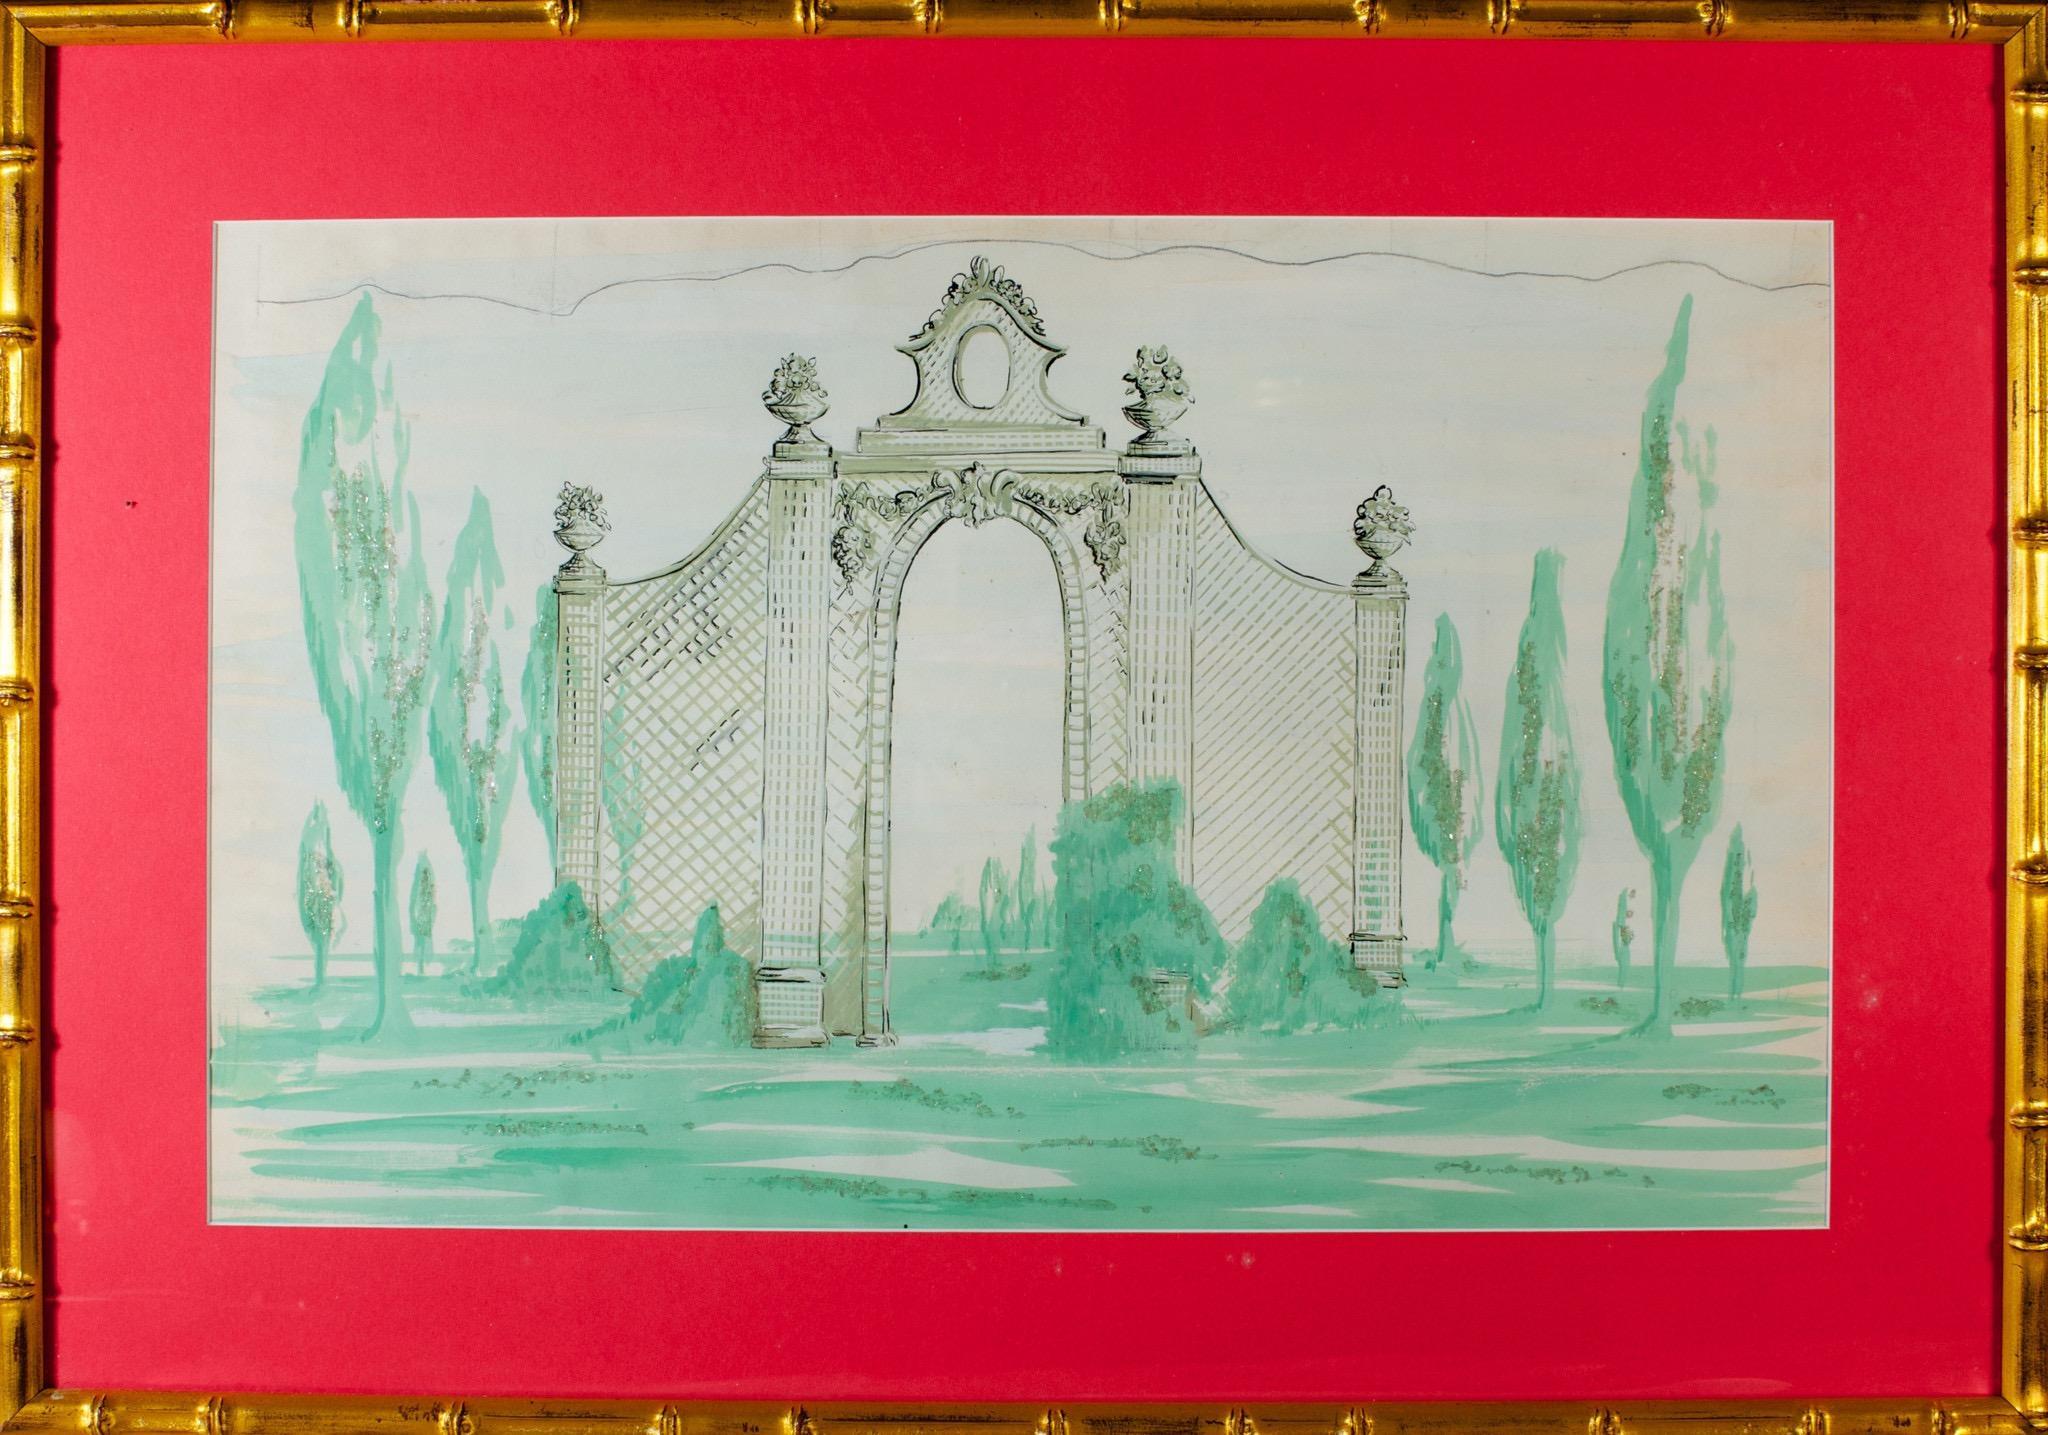 Lanvin of Paris Trellis Gate Watercolour